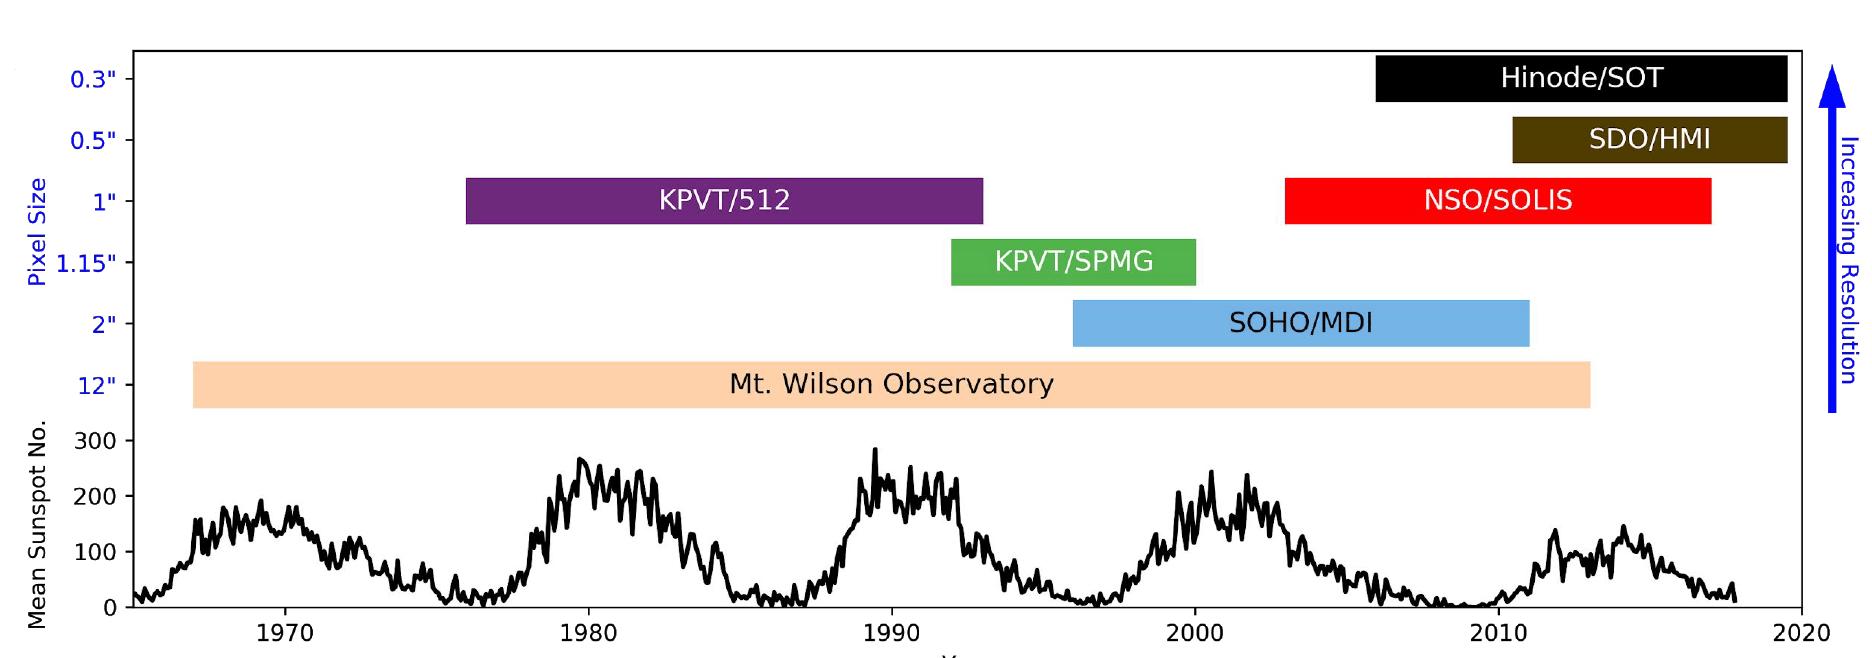 Figure 1: variance of magnetogram data